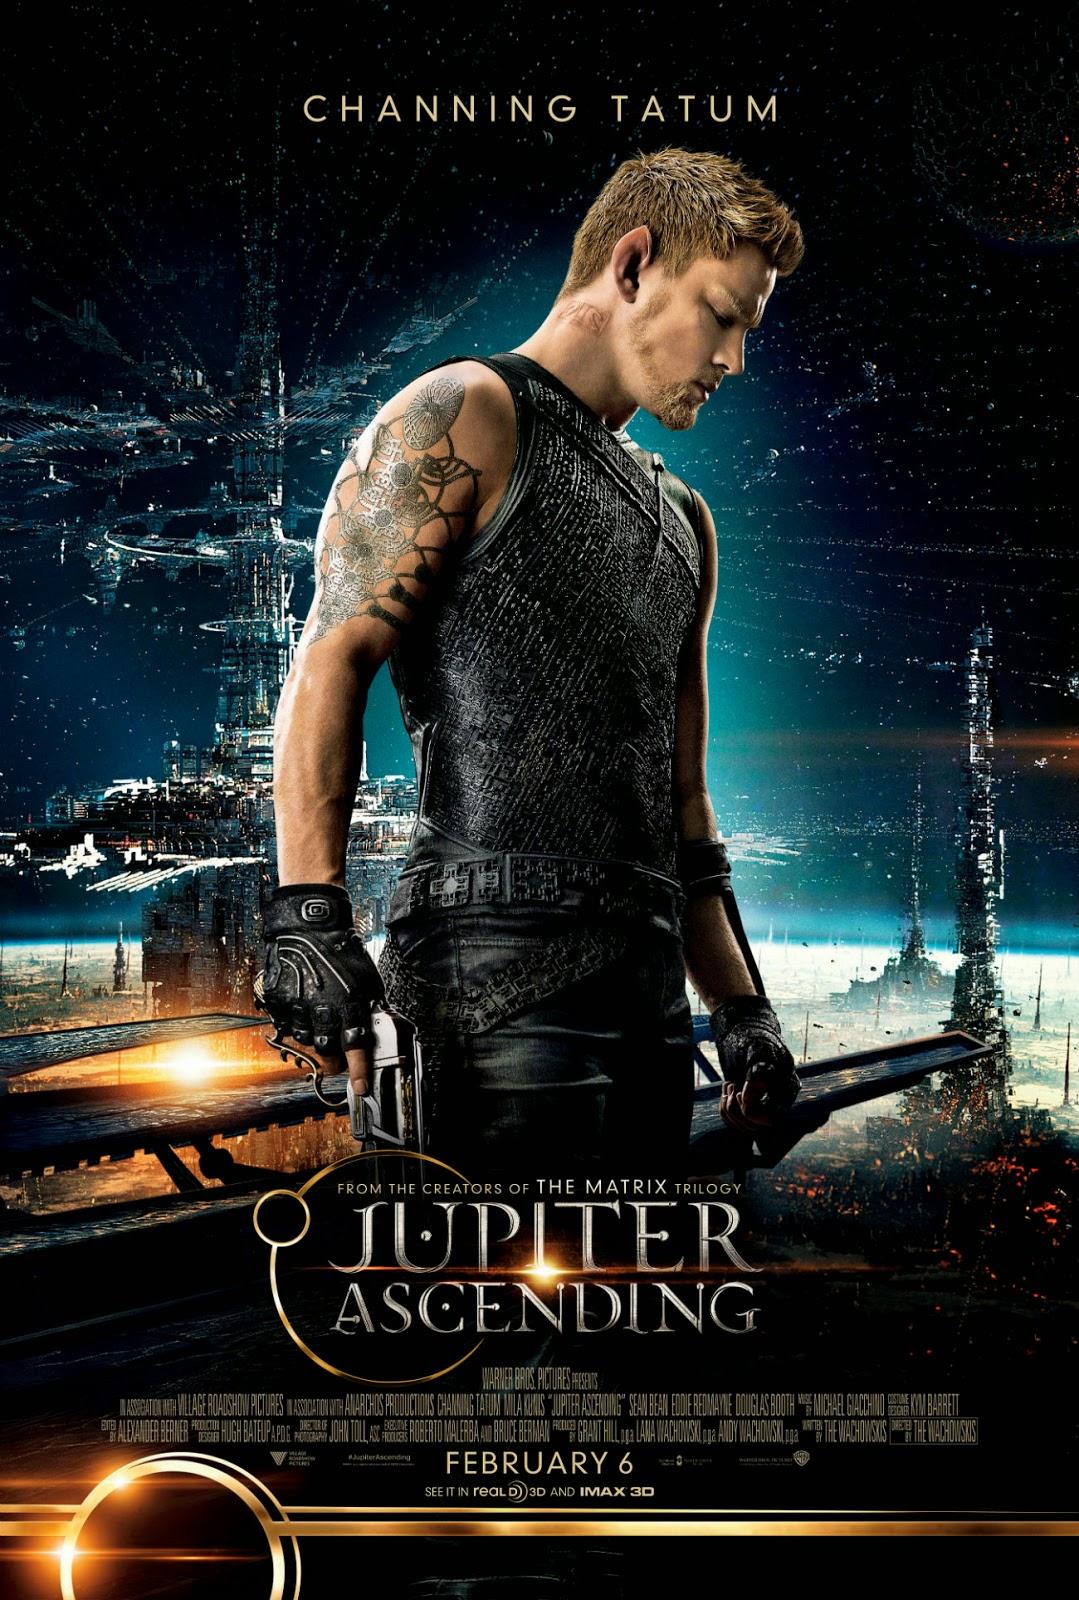 JupiterascendingCartelChanningTatum